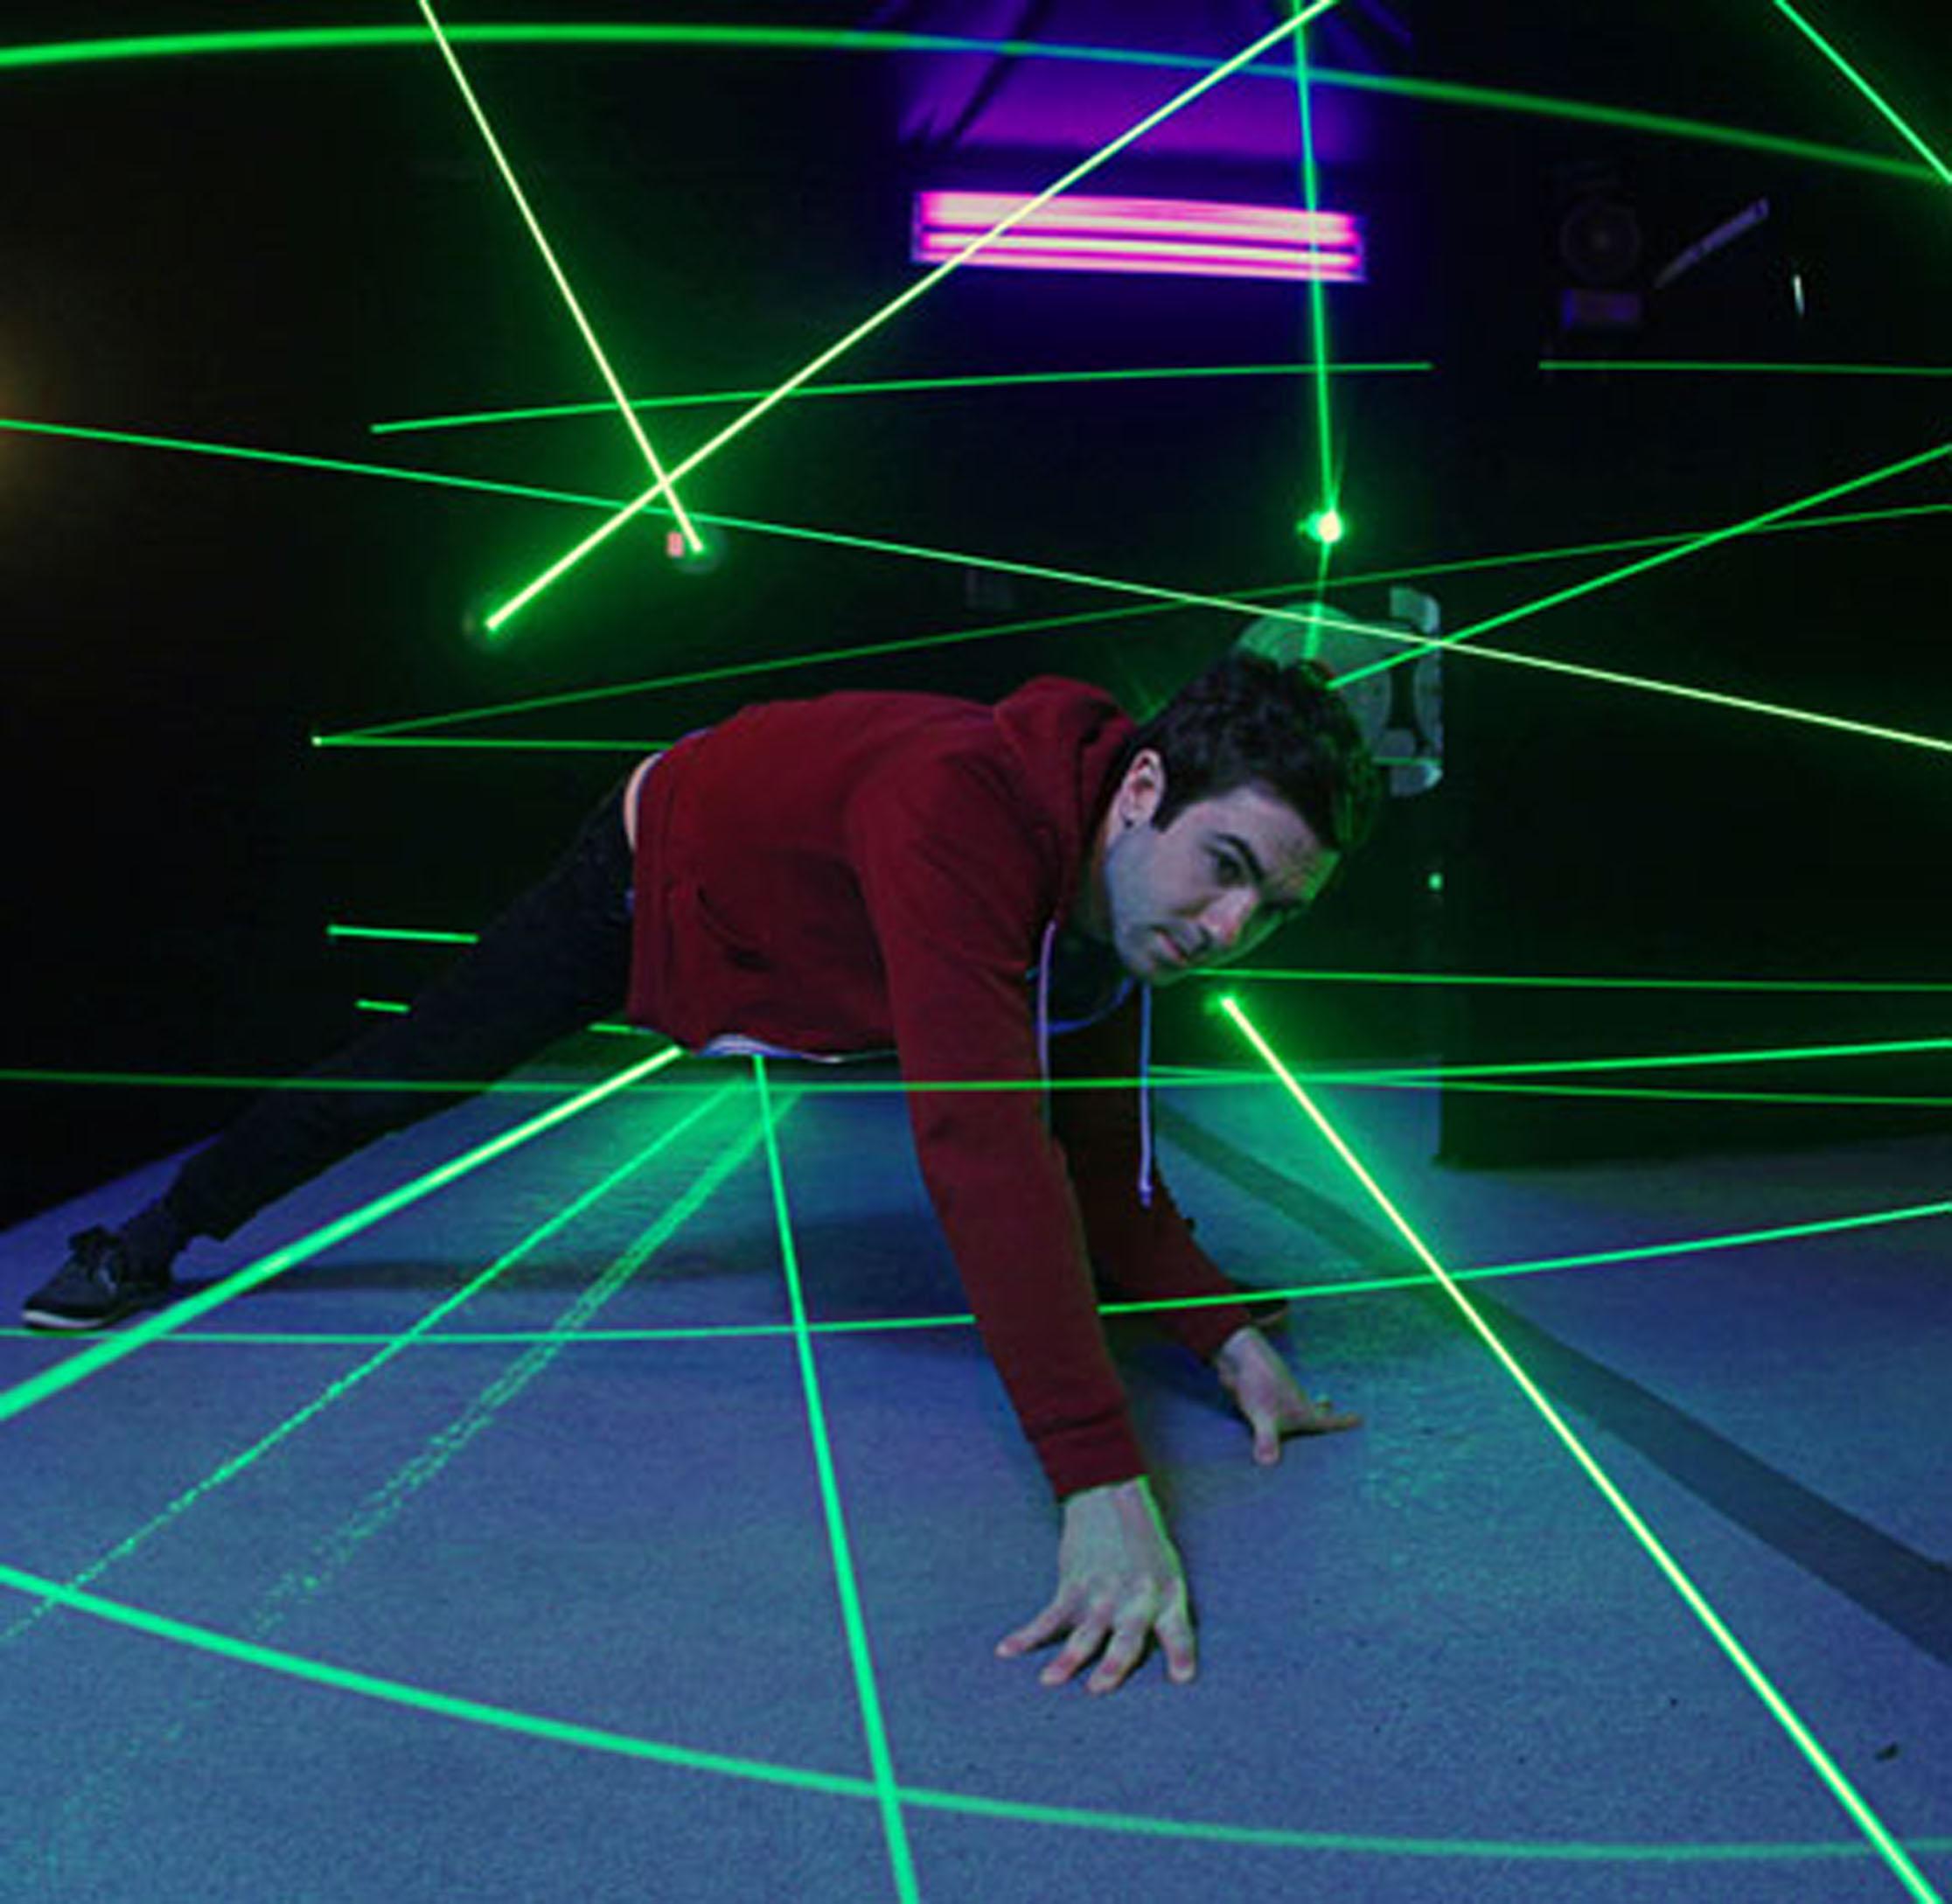 Laser_Maze.jpg